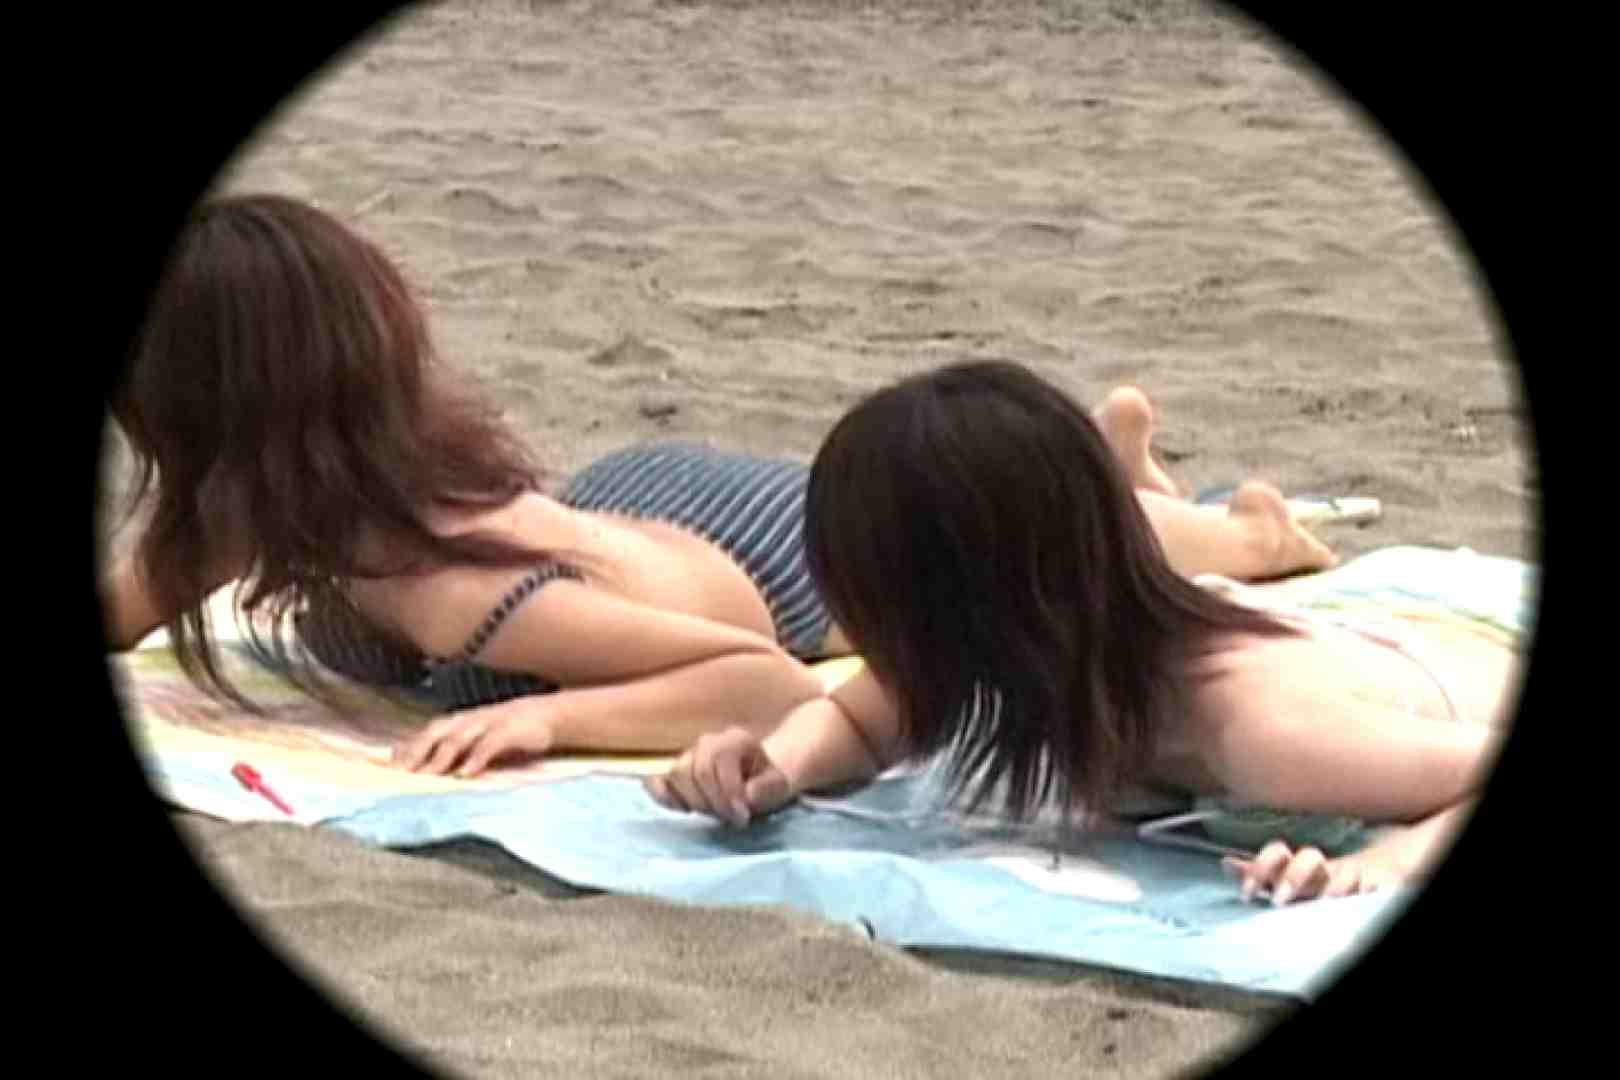 ビーチで発見!!はしゃぎ過ぎポロリギャルVol.4 胸チラ 隠し撮りおまんこ動画流出 102PICs 94